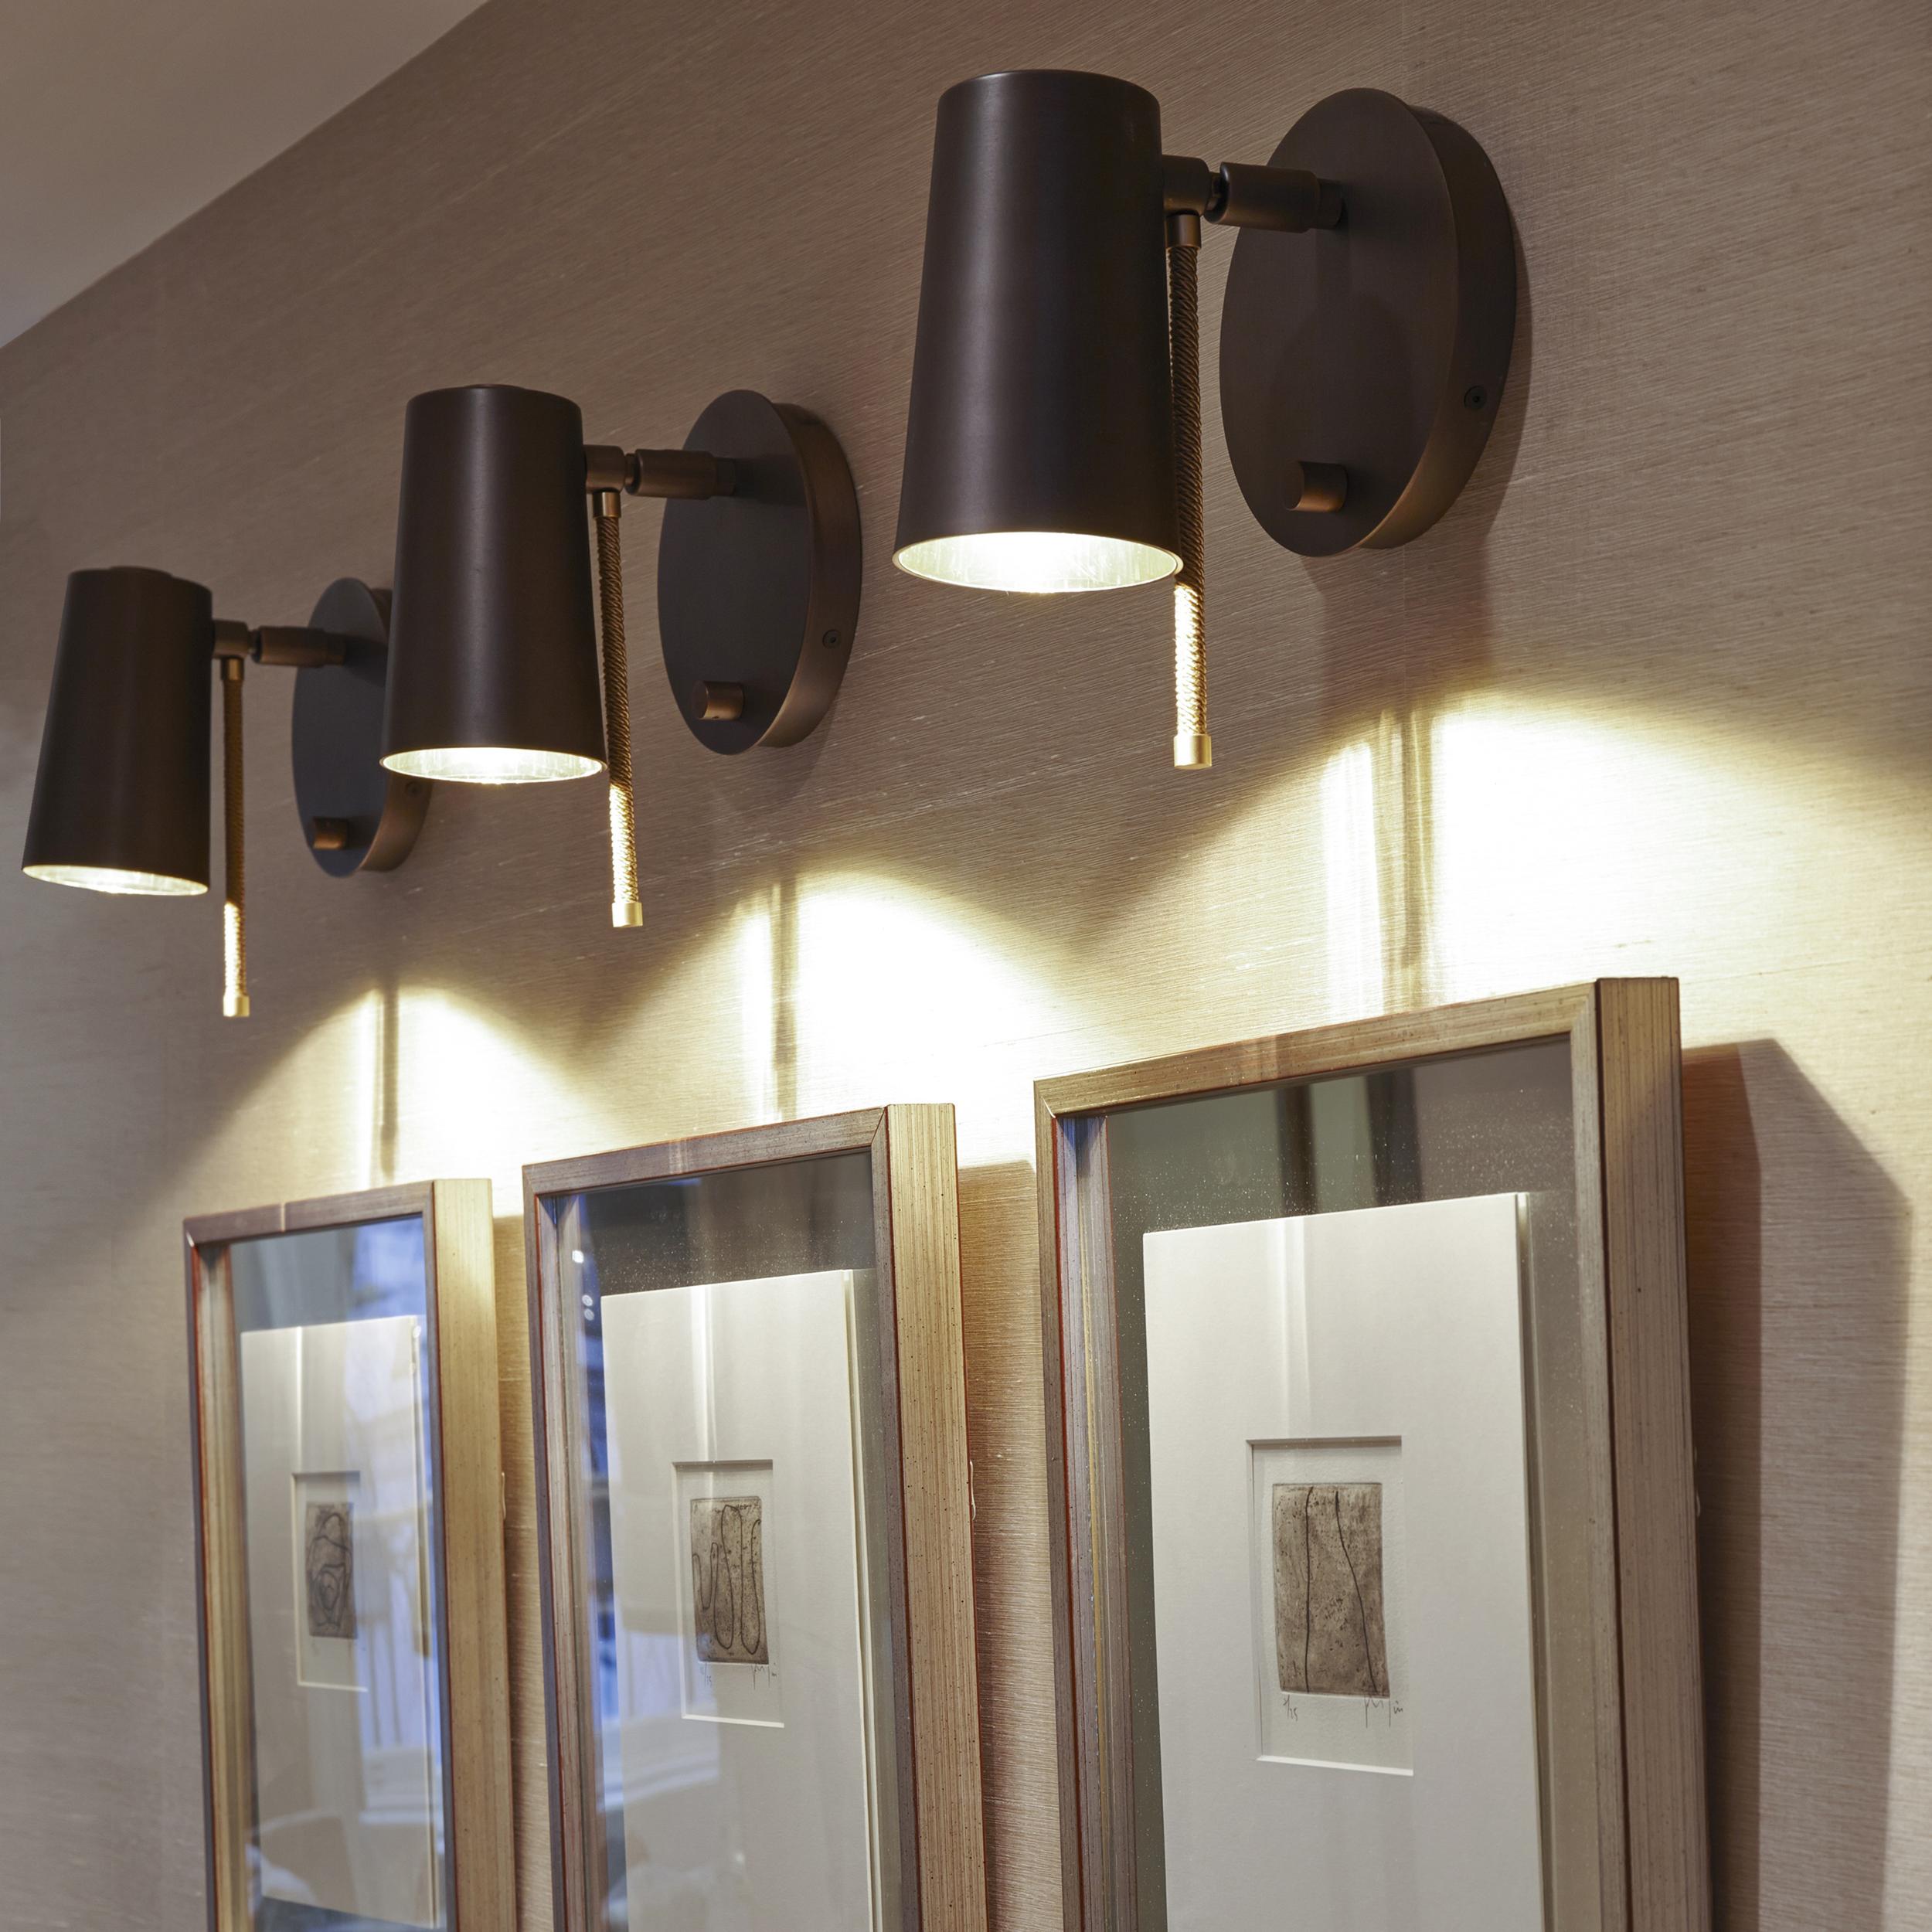 Contardi Up Ap Wall Light Satin Bronze